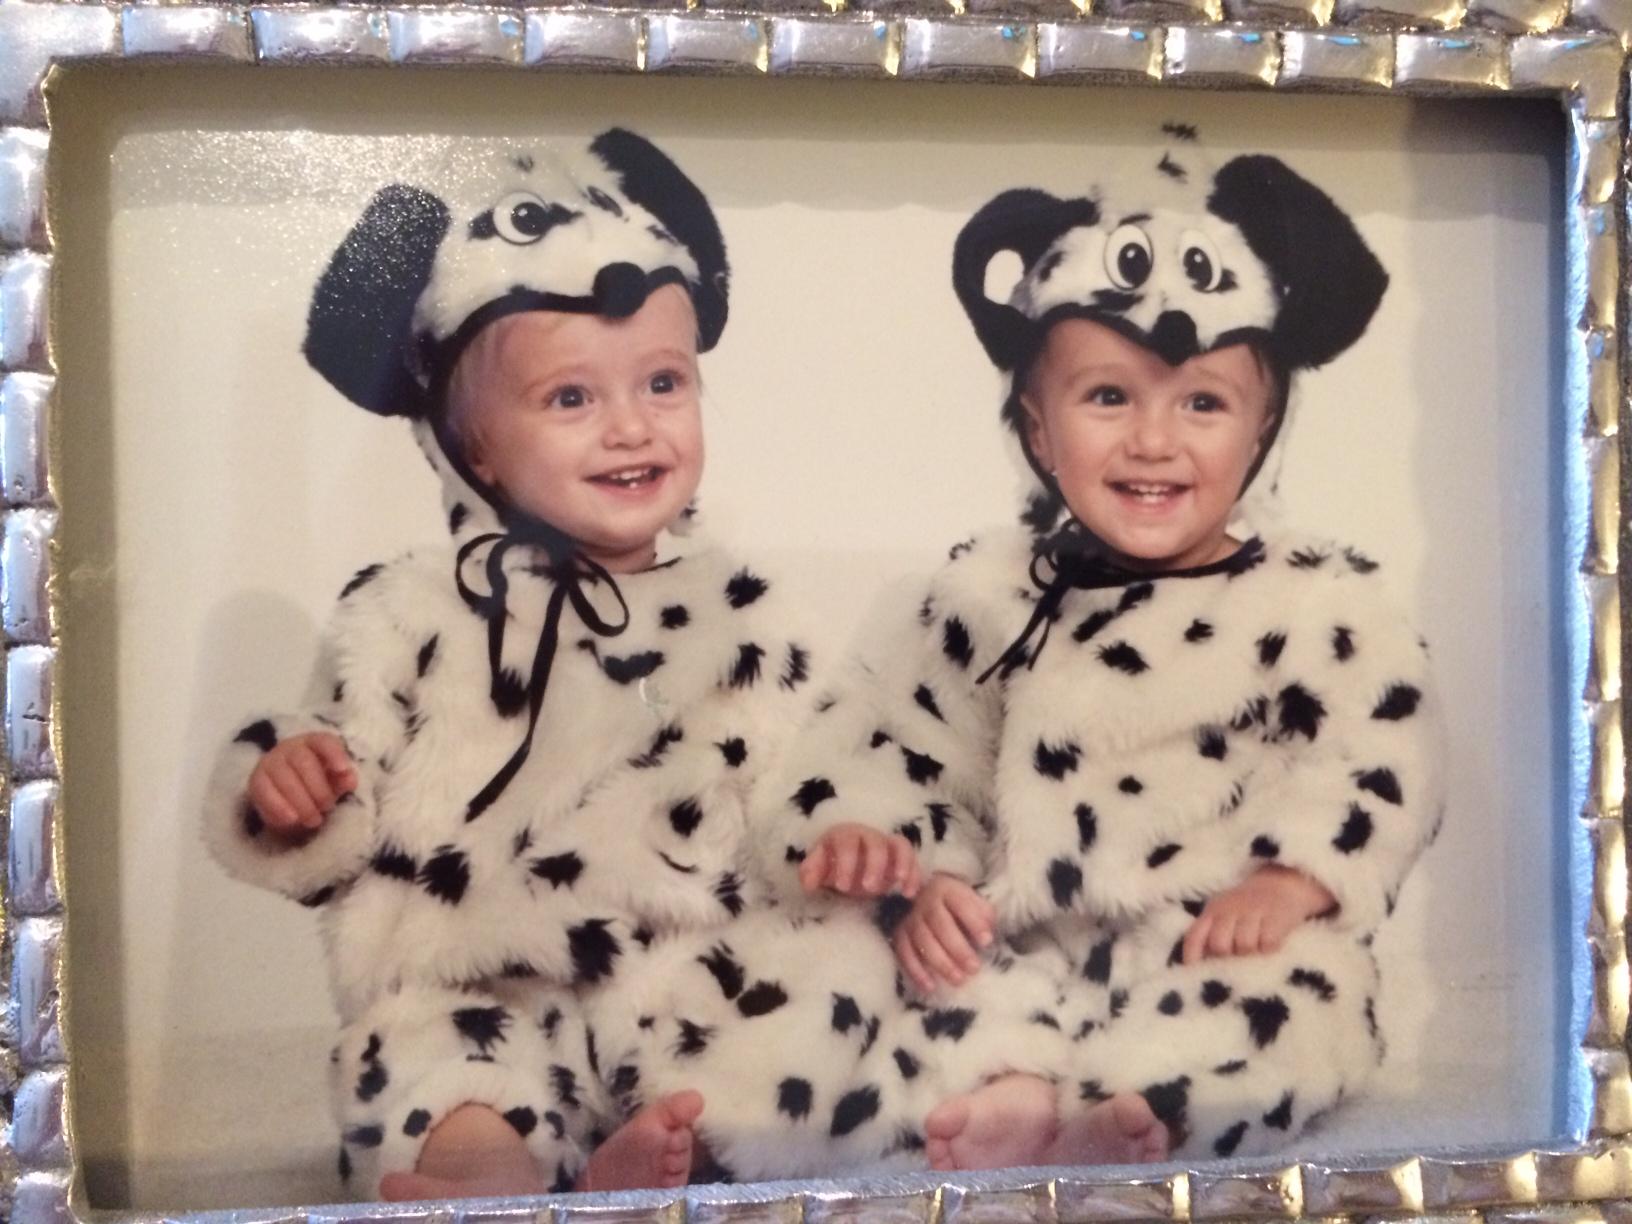 Boys_as_dalmatians